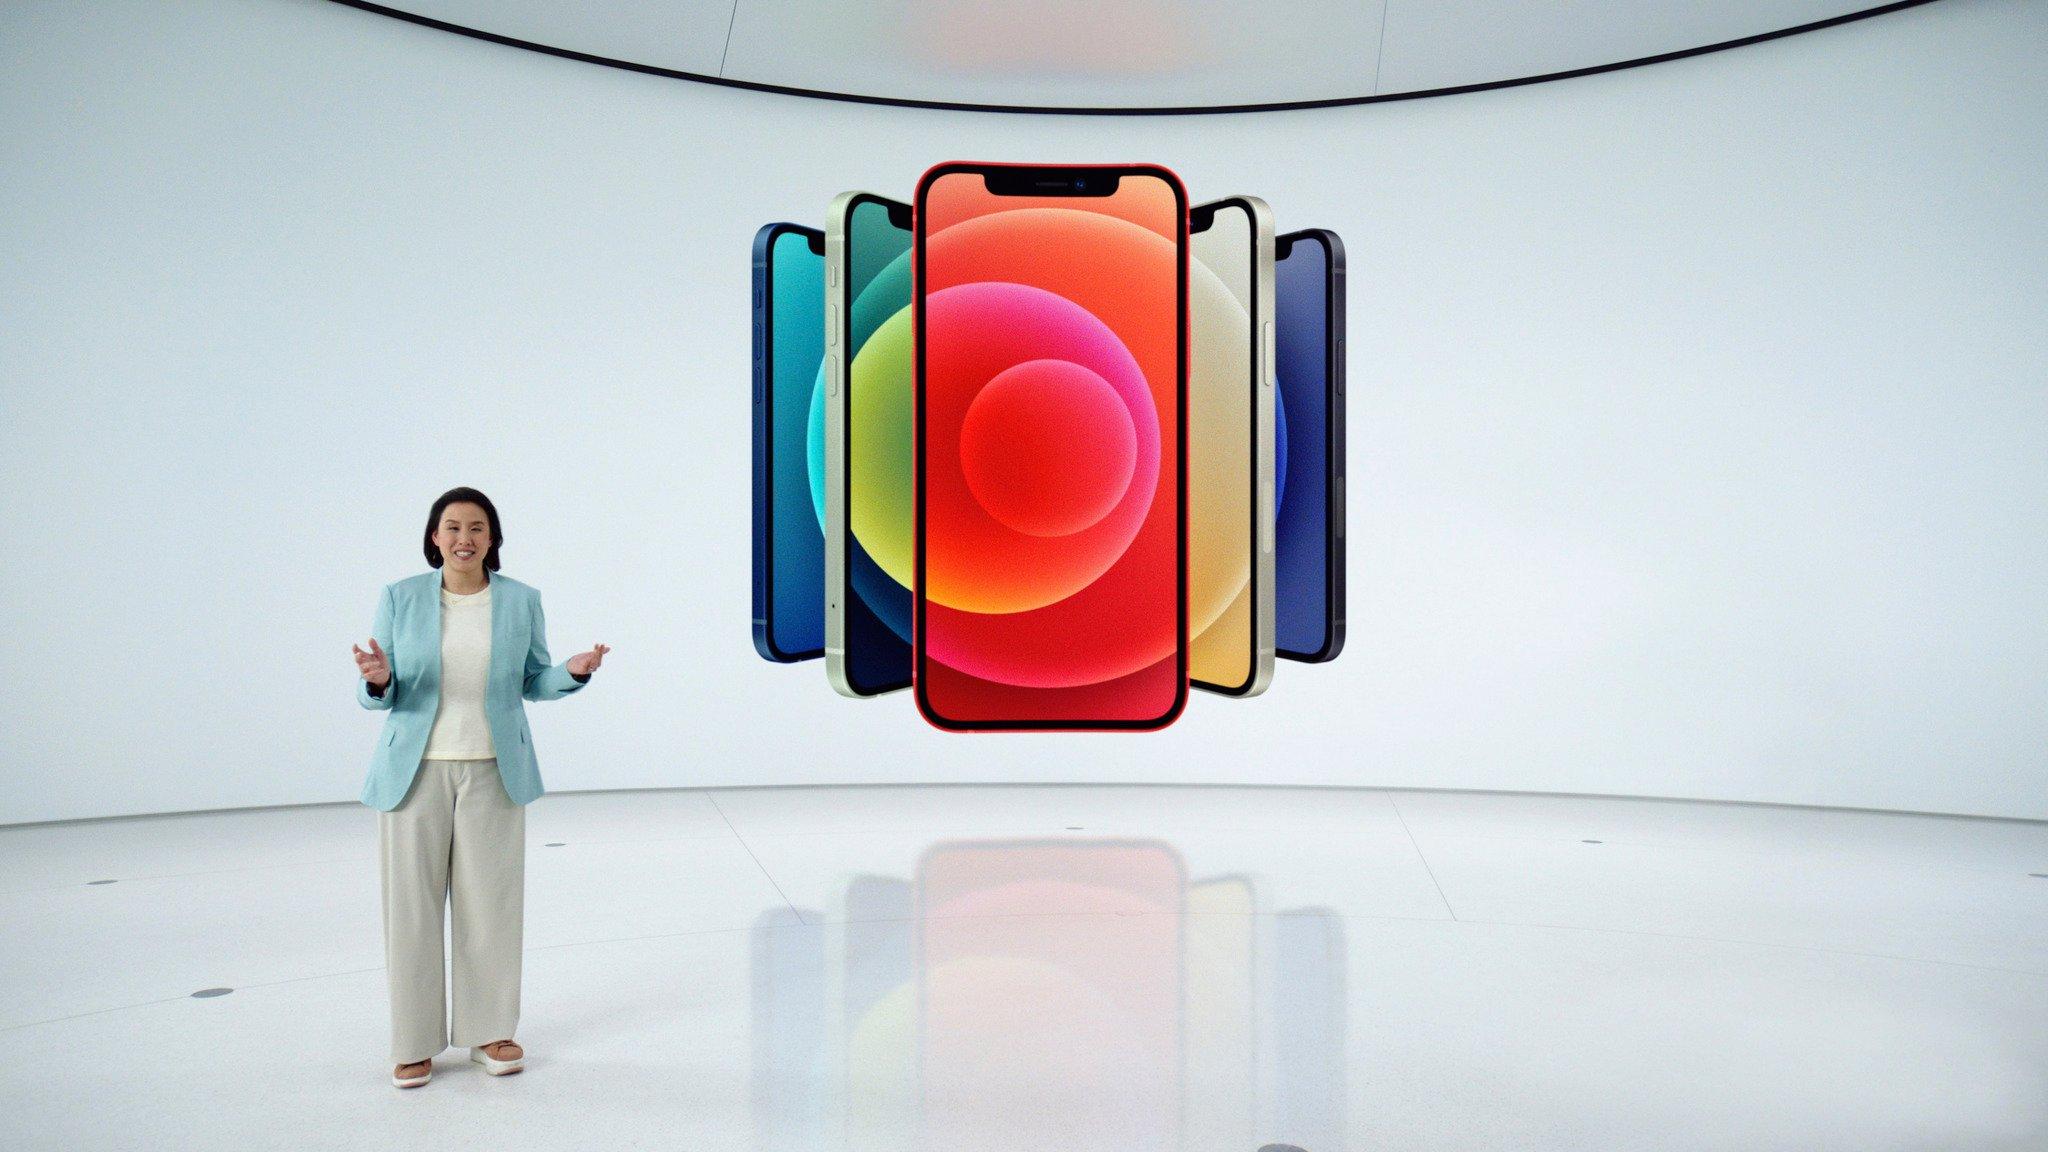 蘋果公司已經發佈四款支持5G的新iPhone,但很多消費者仍在思考是否該升級自己手上的舊iPhone,或從其它手機轉到iPhone。圖為10月13日蘋果新品發佈會。(Photo by Apple Inc./Apple Inc./AFP)